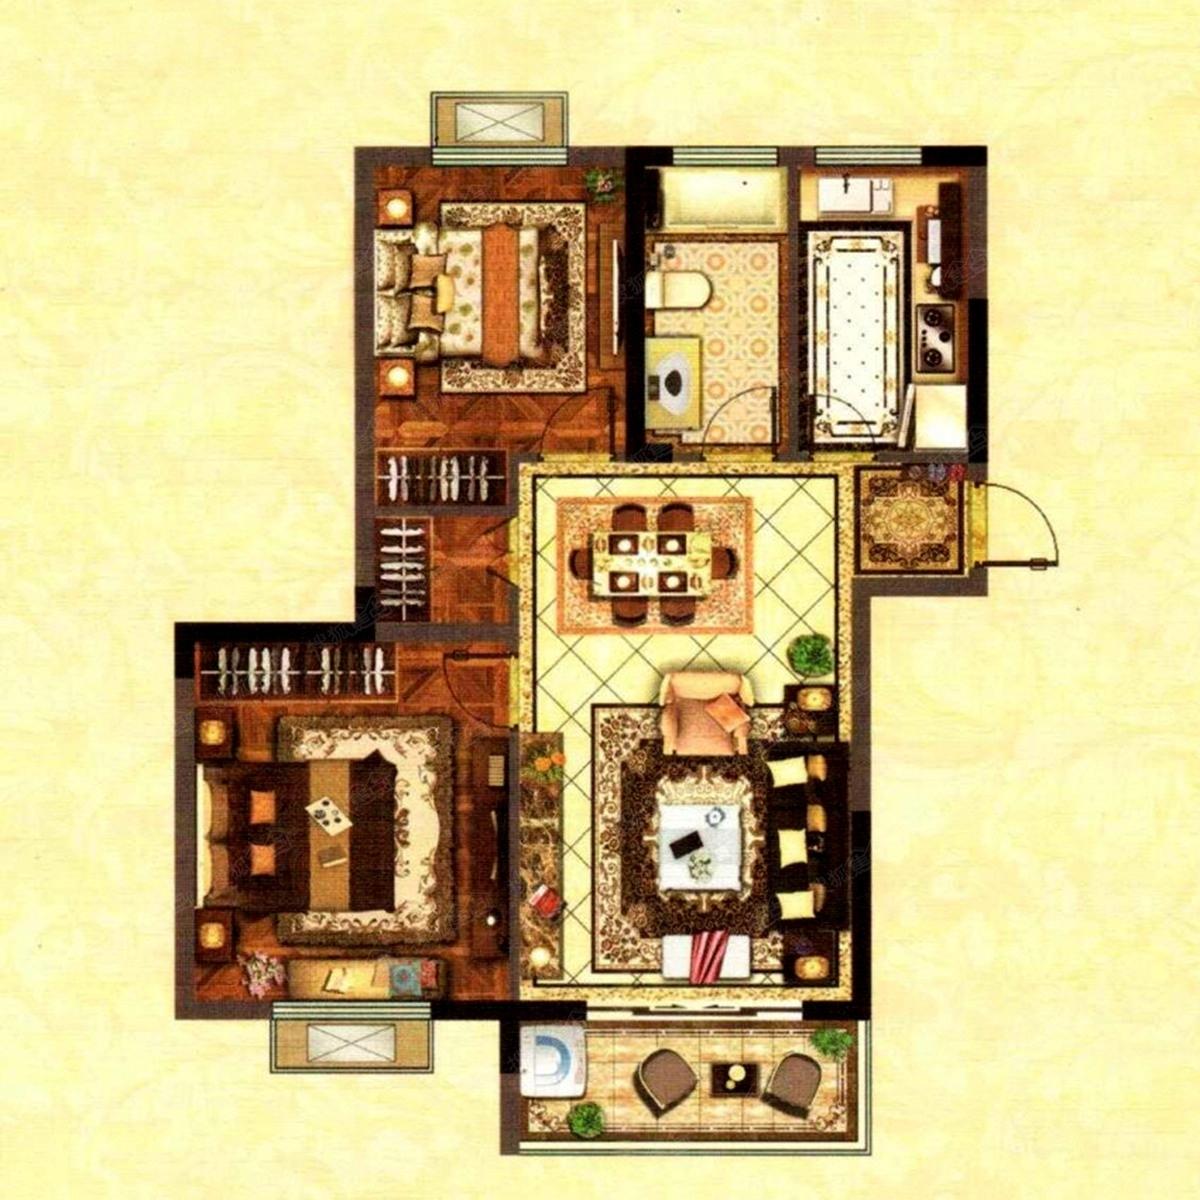 浦泰和天下90㎡两房